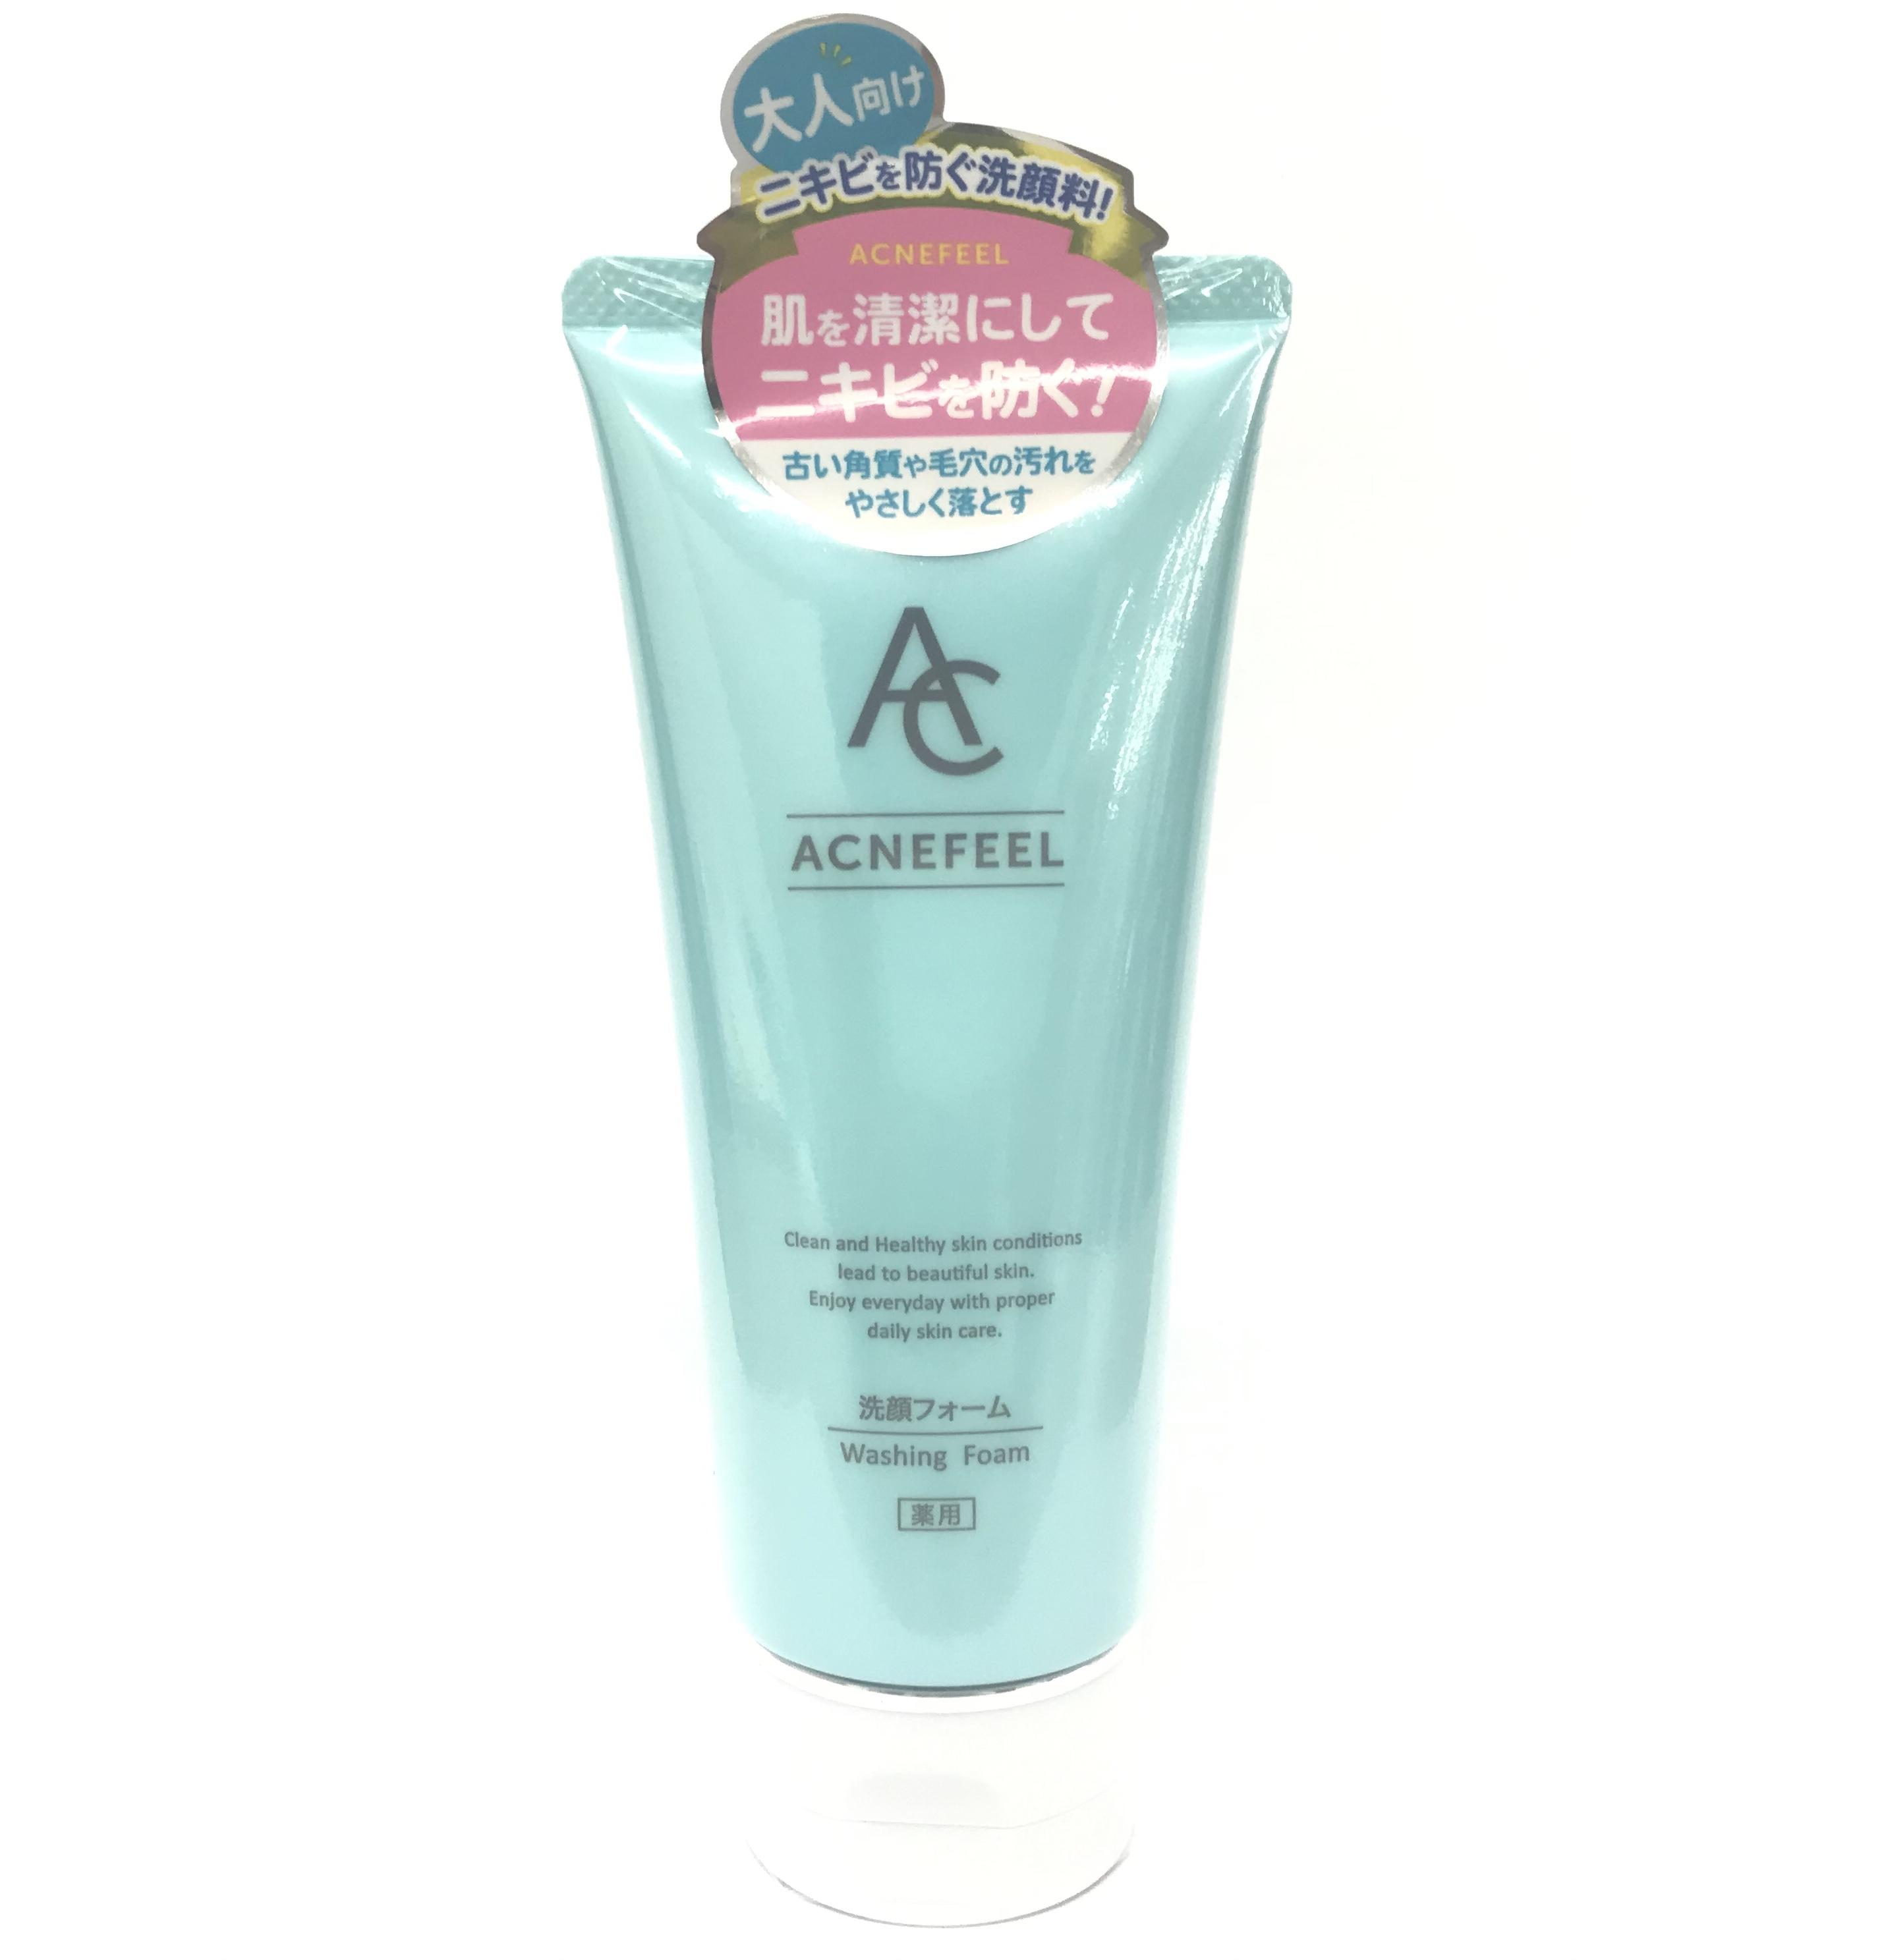 アクネフィール<br> 薬用モイスト洗顔フォーム 150g<br>大人向けのニキビを防ぐ洗顔料!